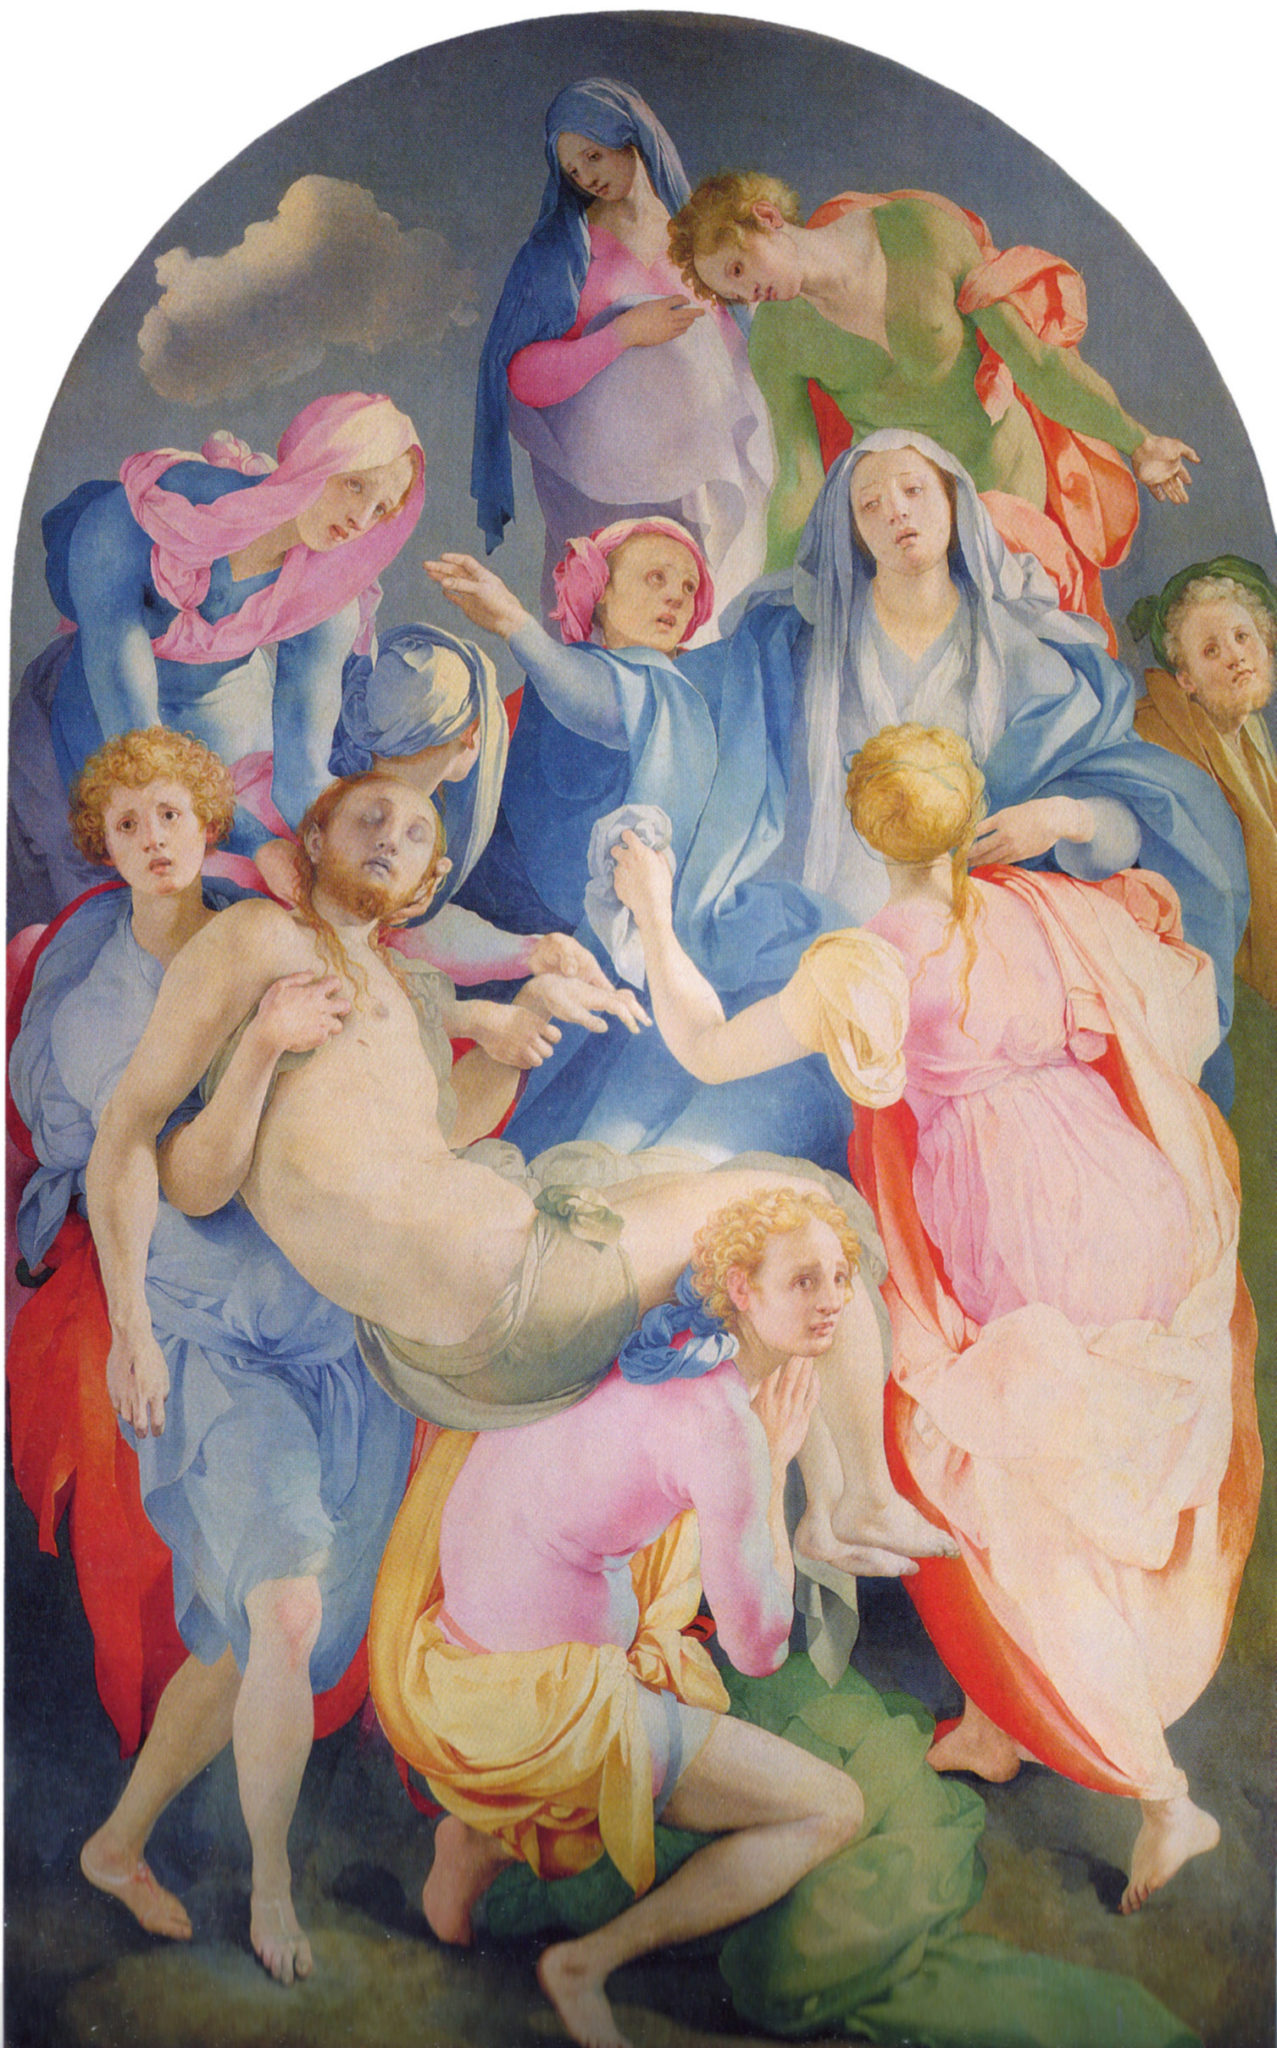 Понтормо. Снятие с креста. 1525–1528 годы. Алтарная картина в капелле Каппони церкви Санта-Феличита во Флоренции.